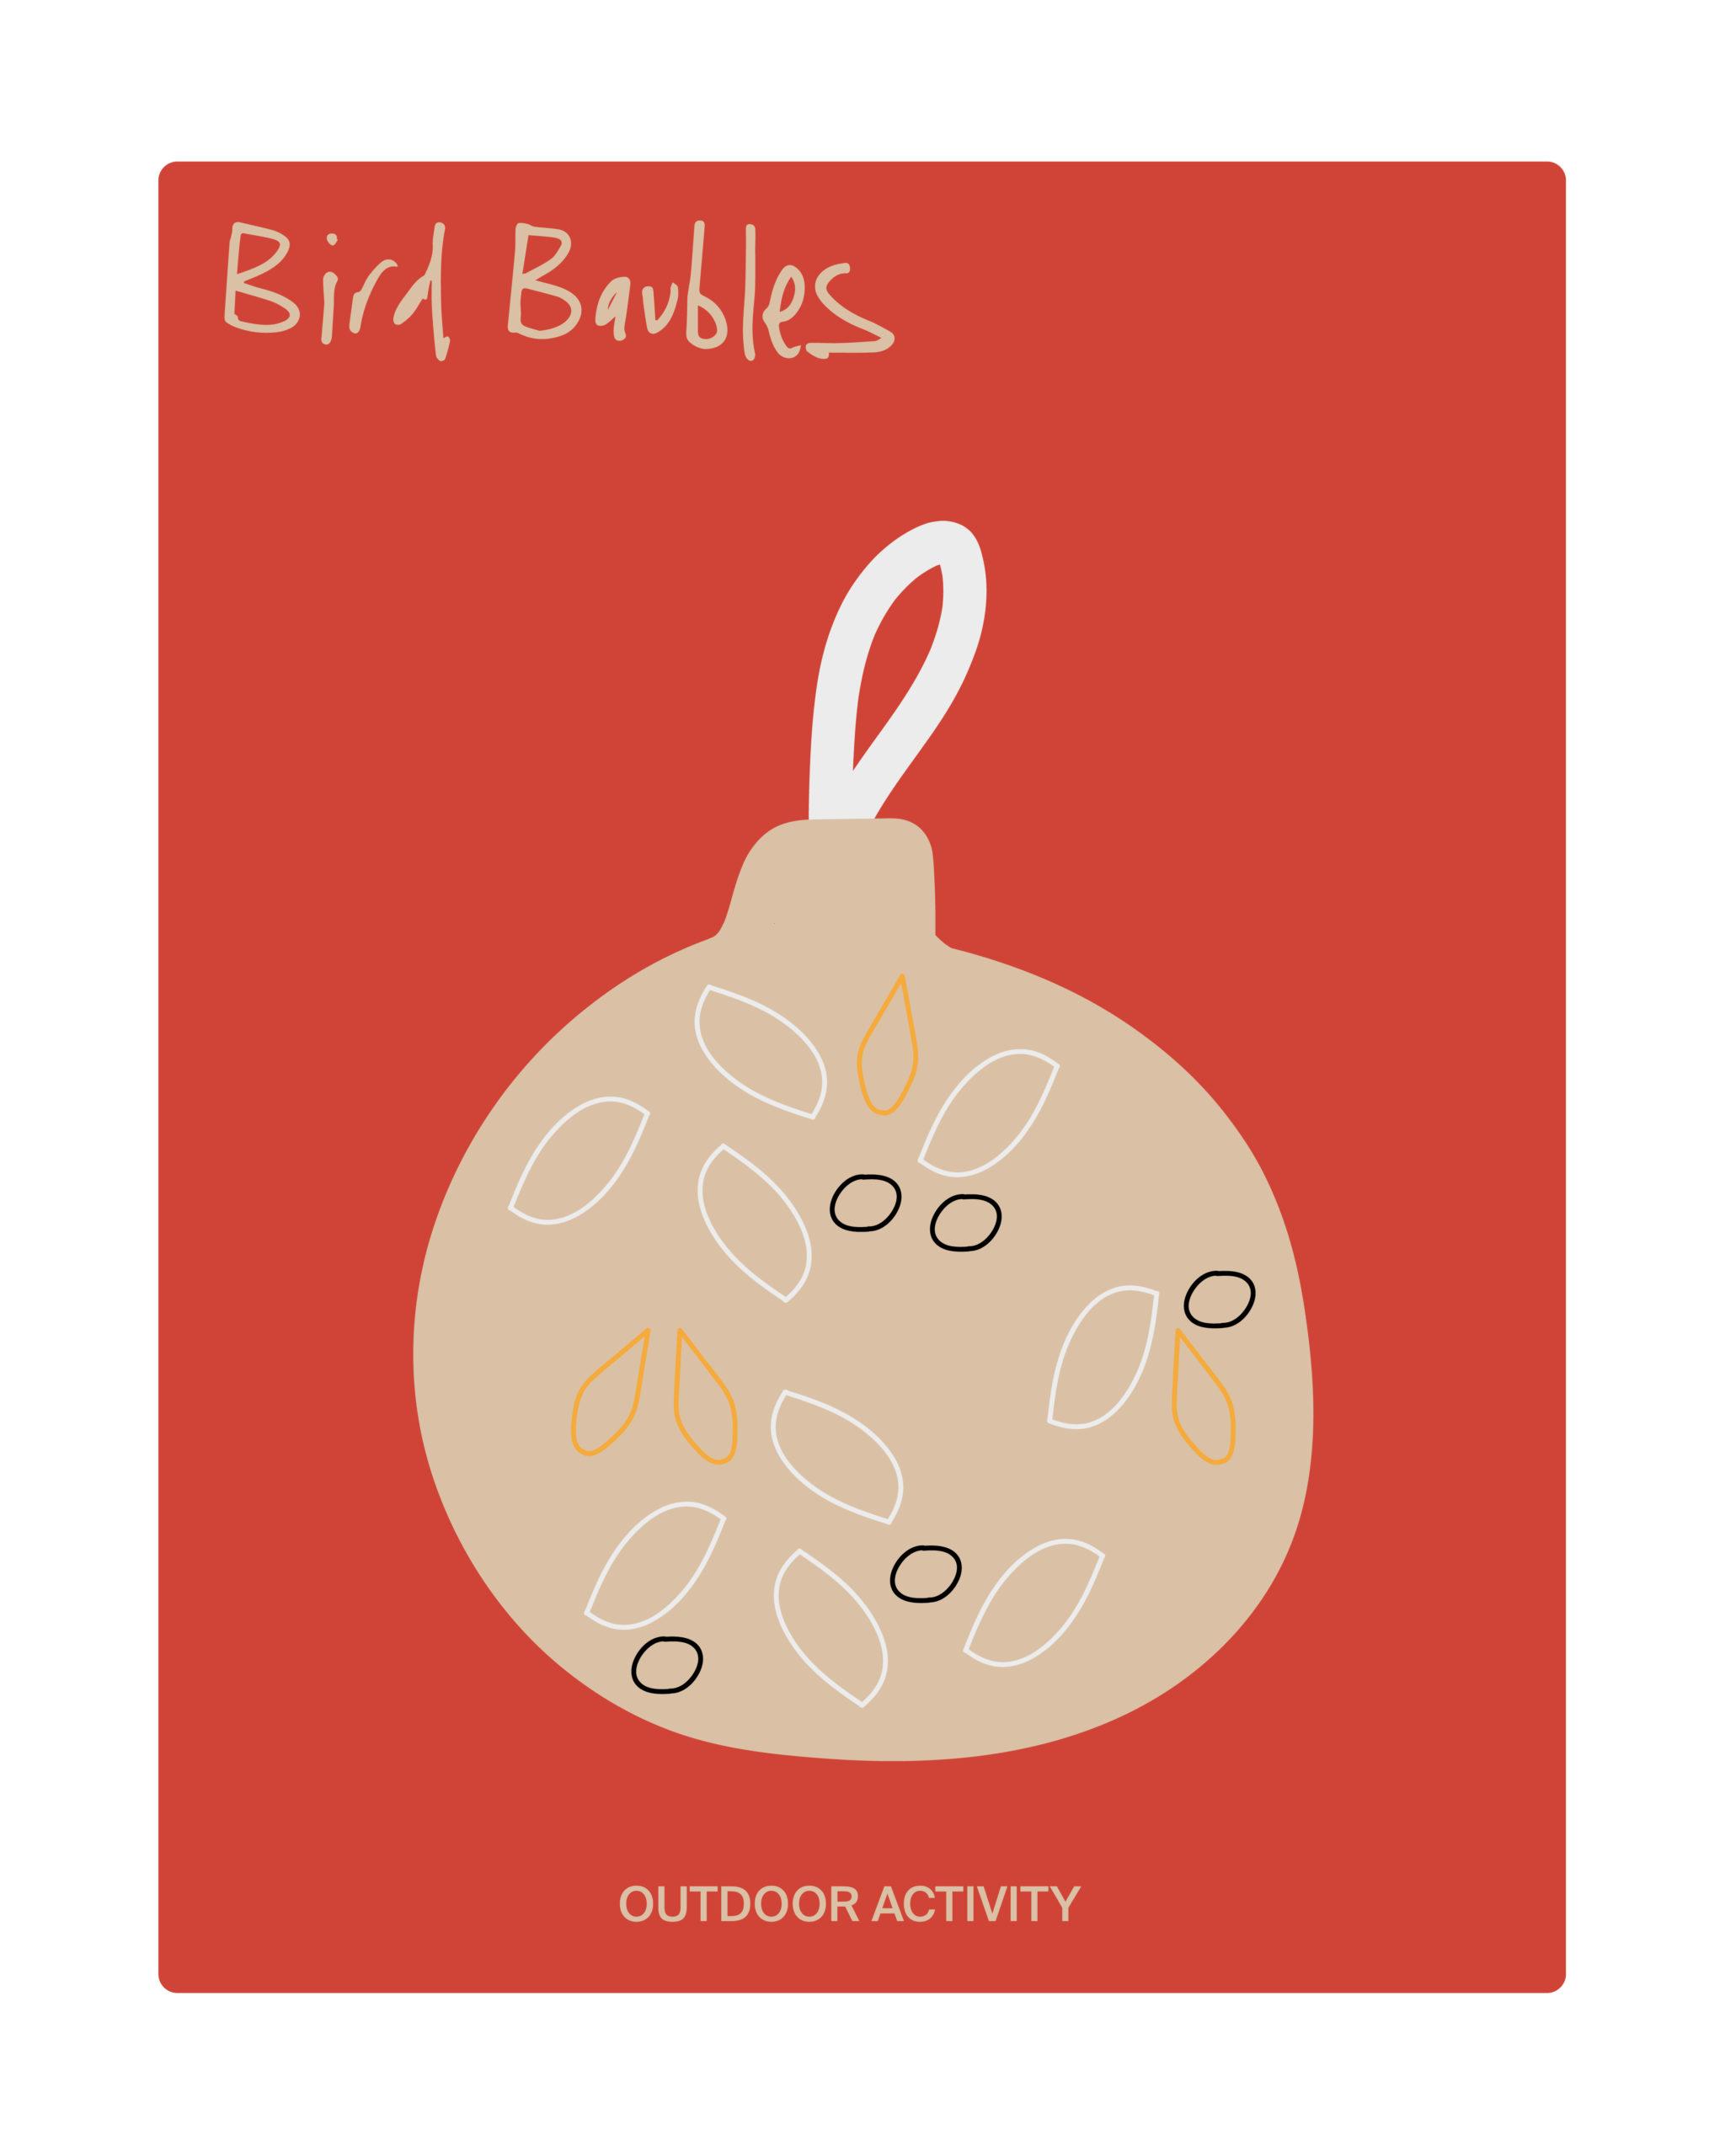 Bird Baubles